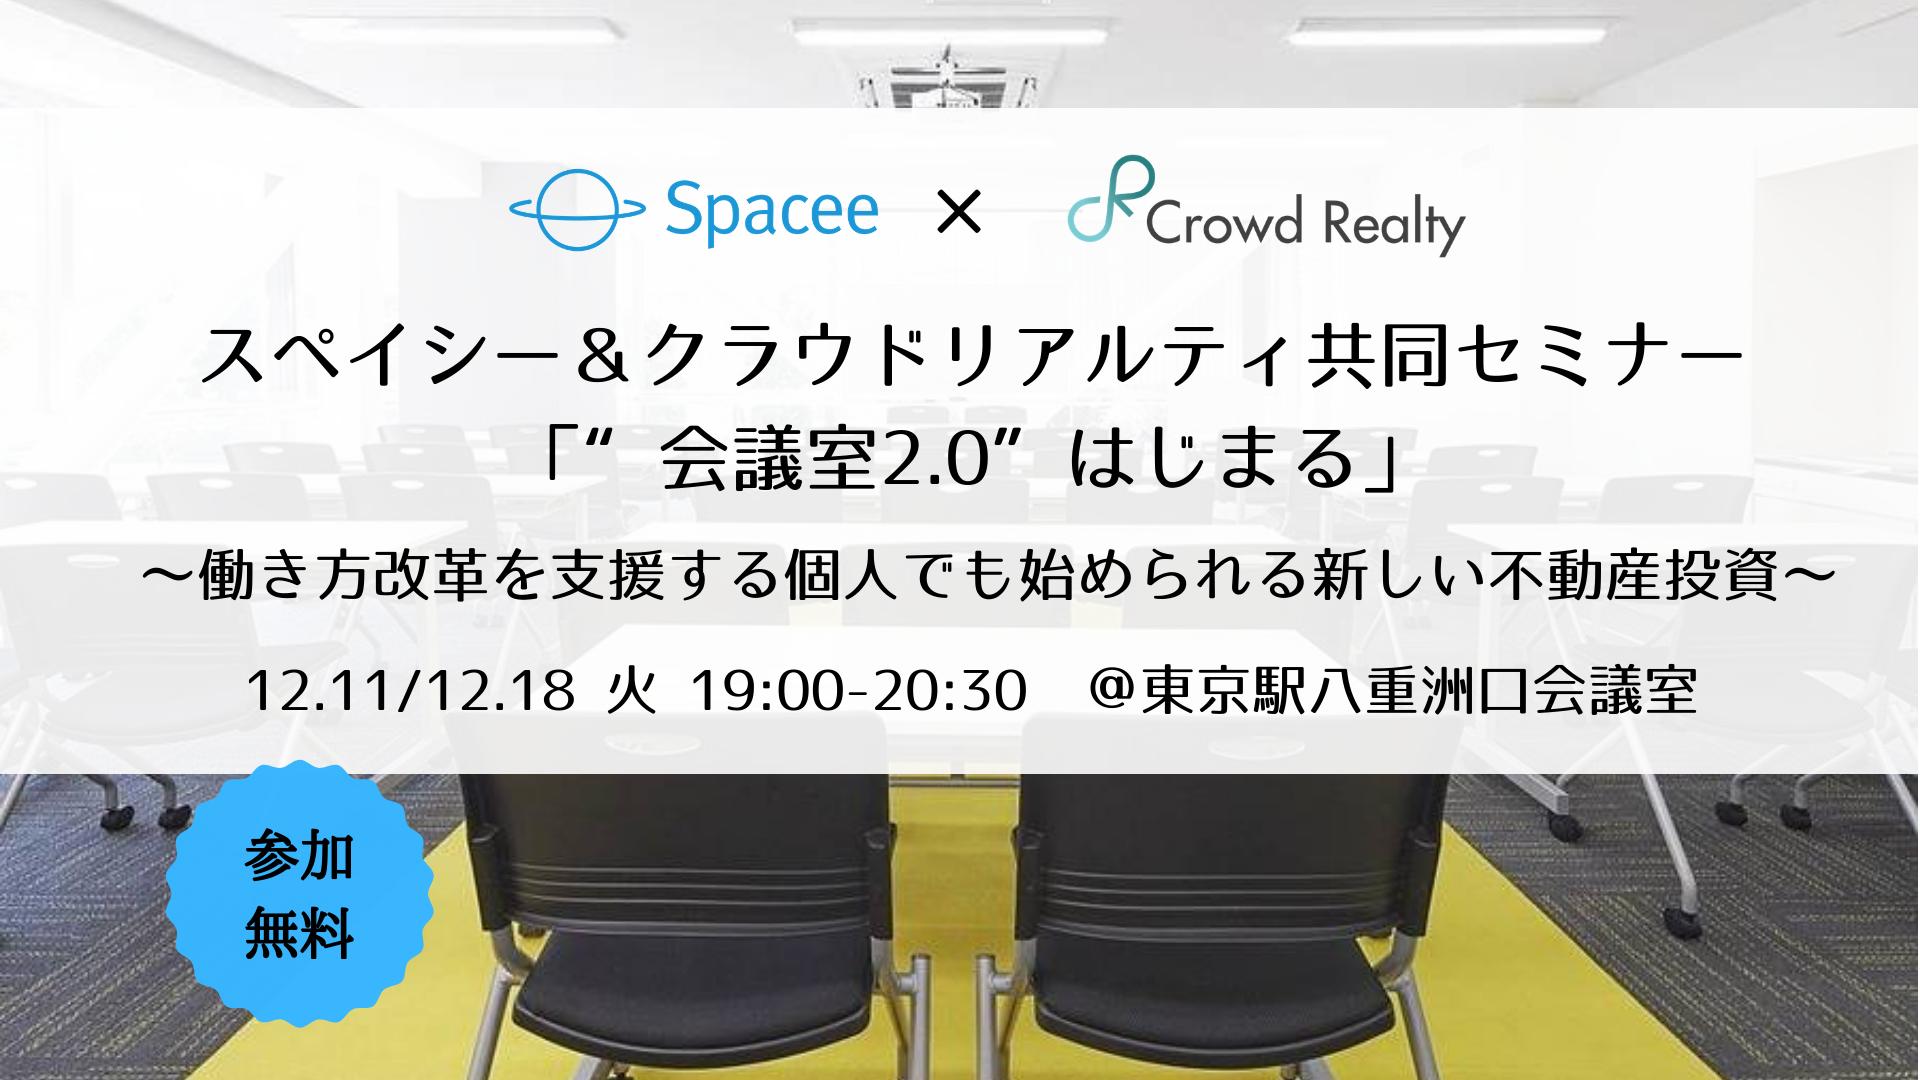 スペイシー×クラウドリアルティ共同イベント画像